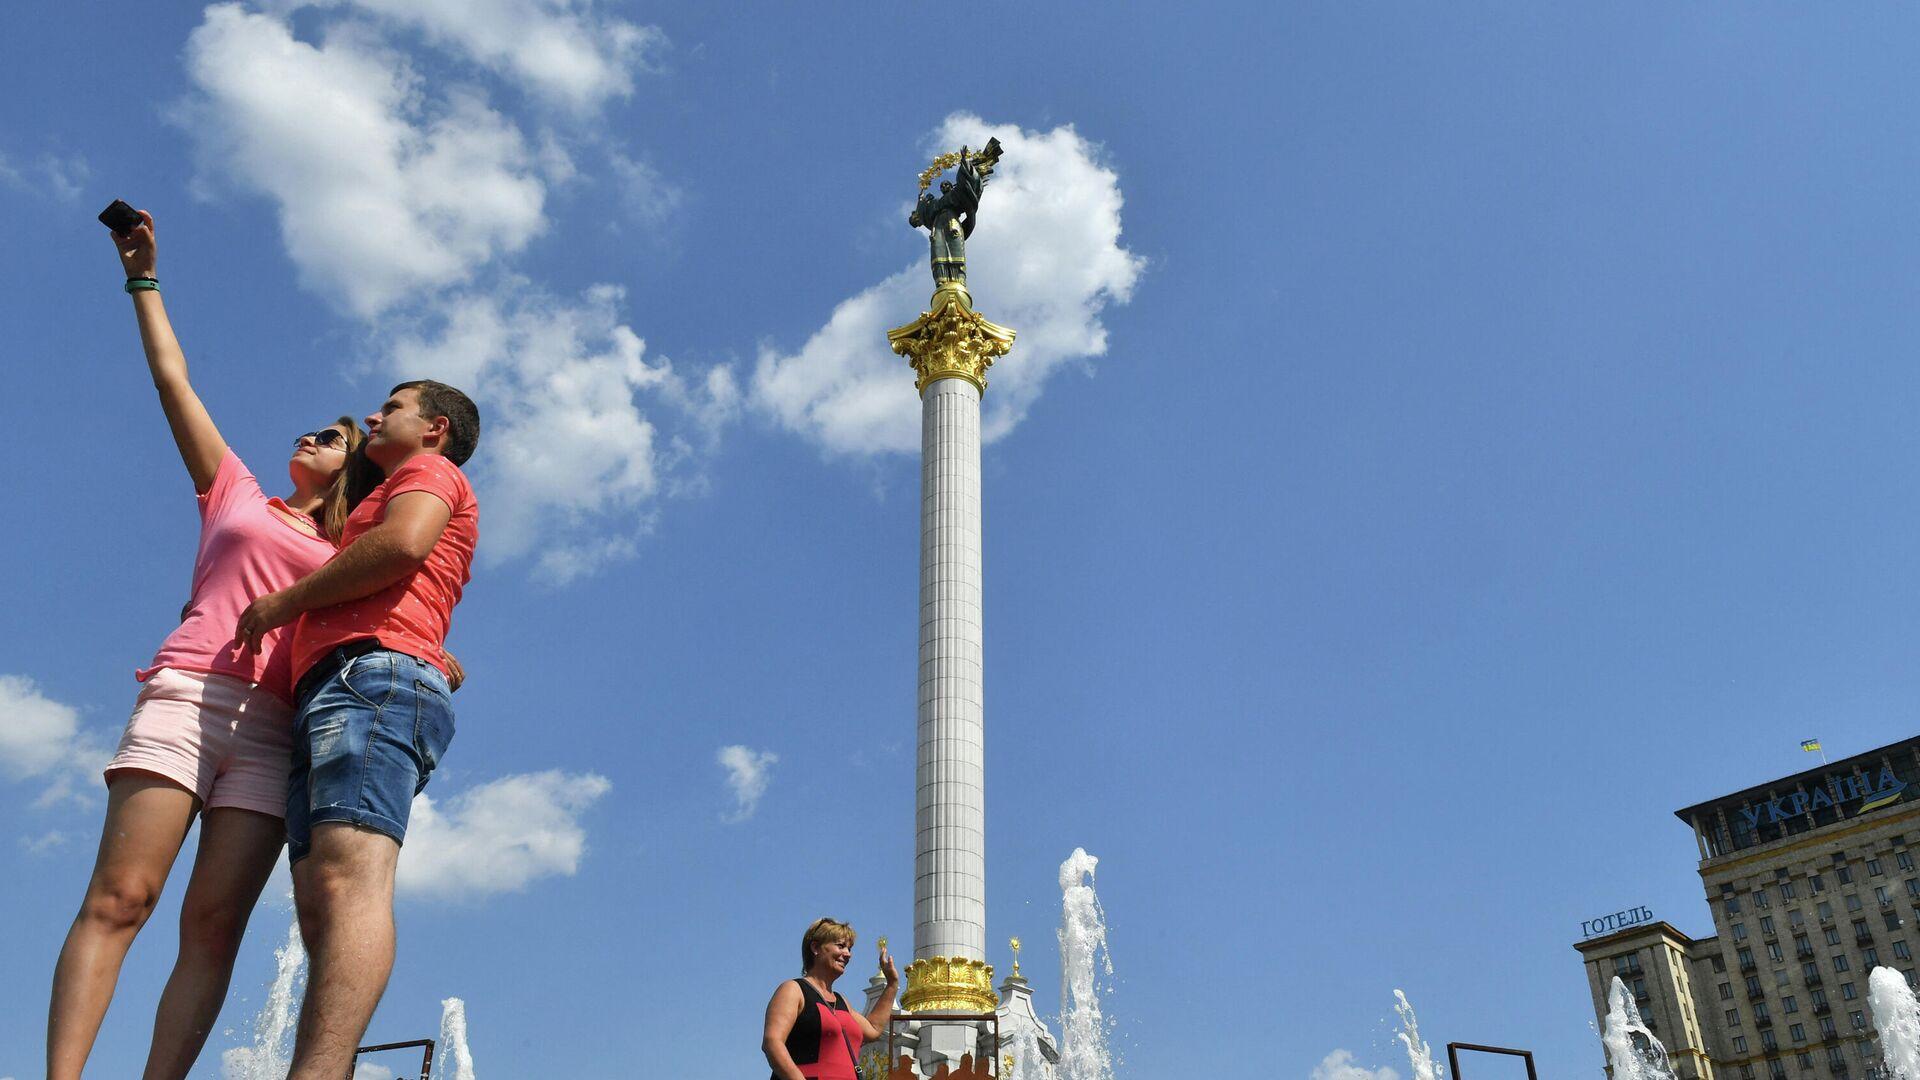 Пара фотографируется на площади Независимости в Киеве - РИА Новости, 1920, 10.07.2021